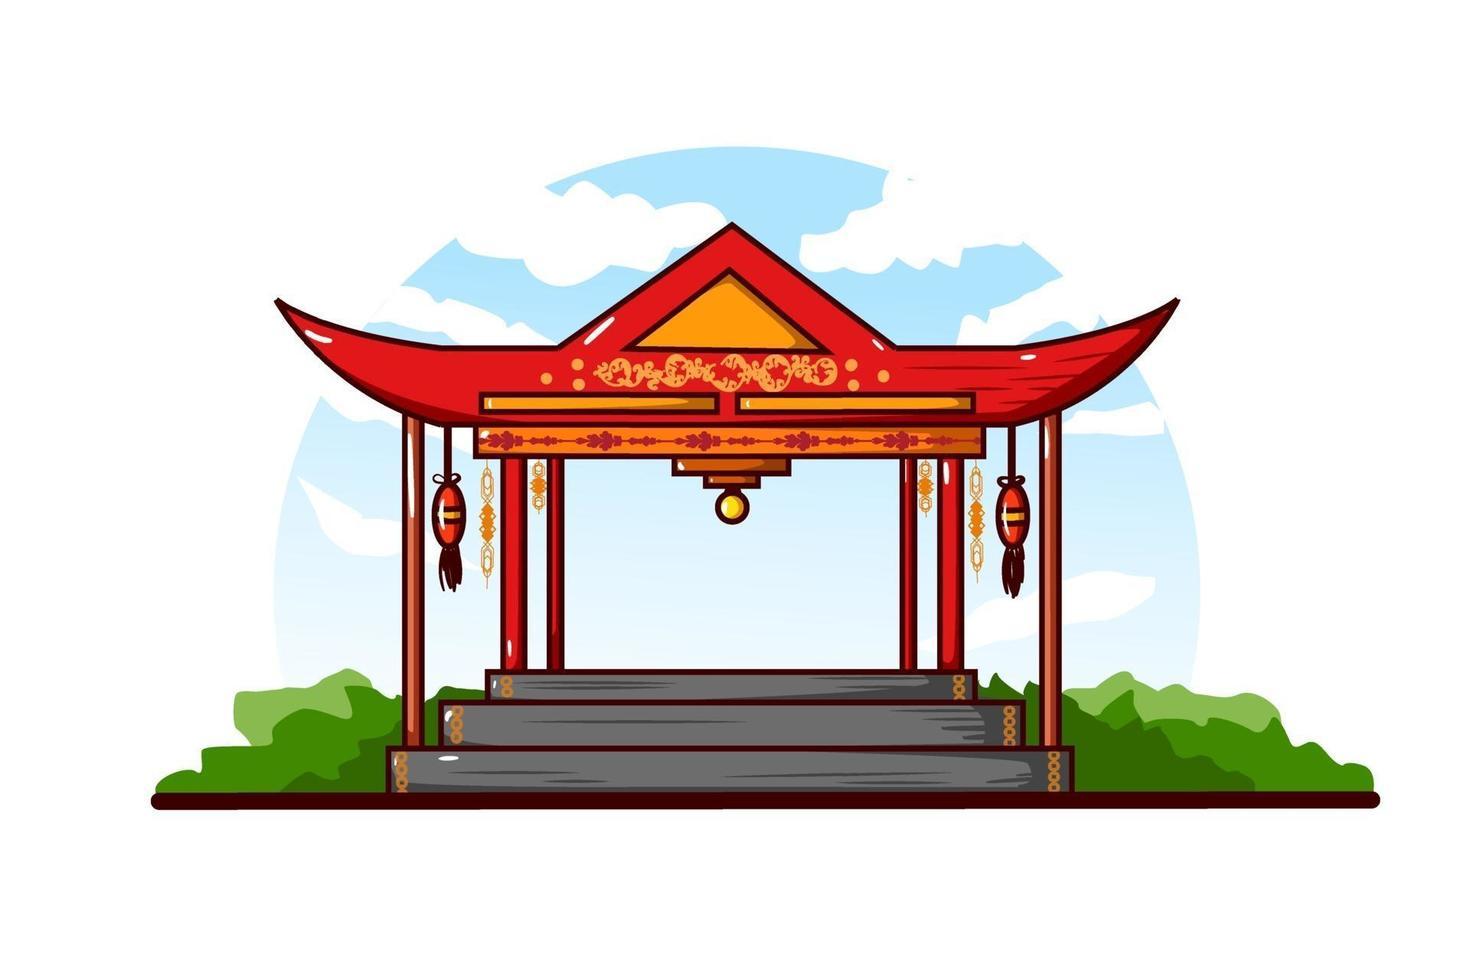 ilustração do gazebo chinês contra um fundo de céu nublado vetor